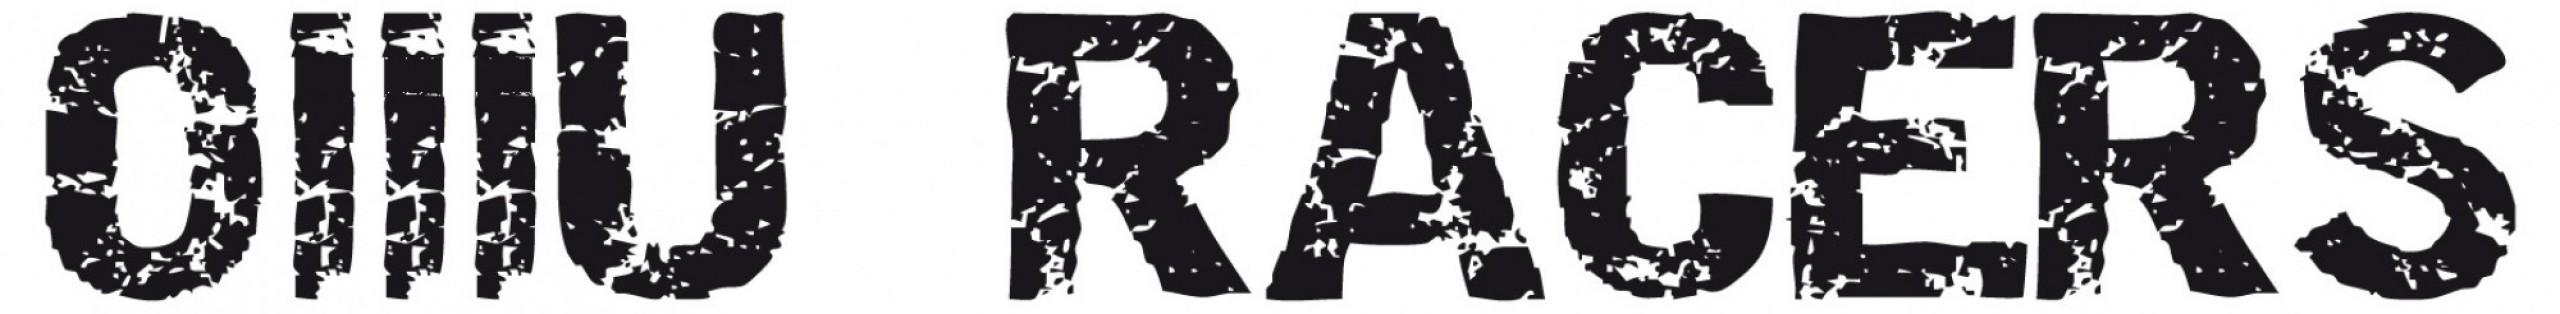 cropped-cropped-logo_olllu-lletres1.jpg